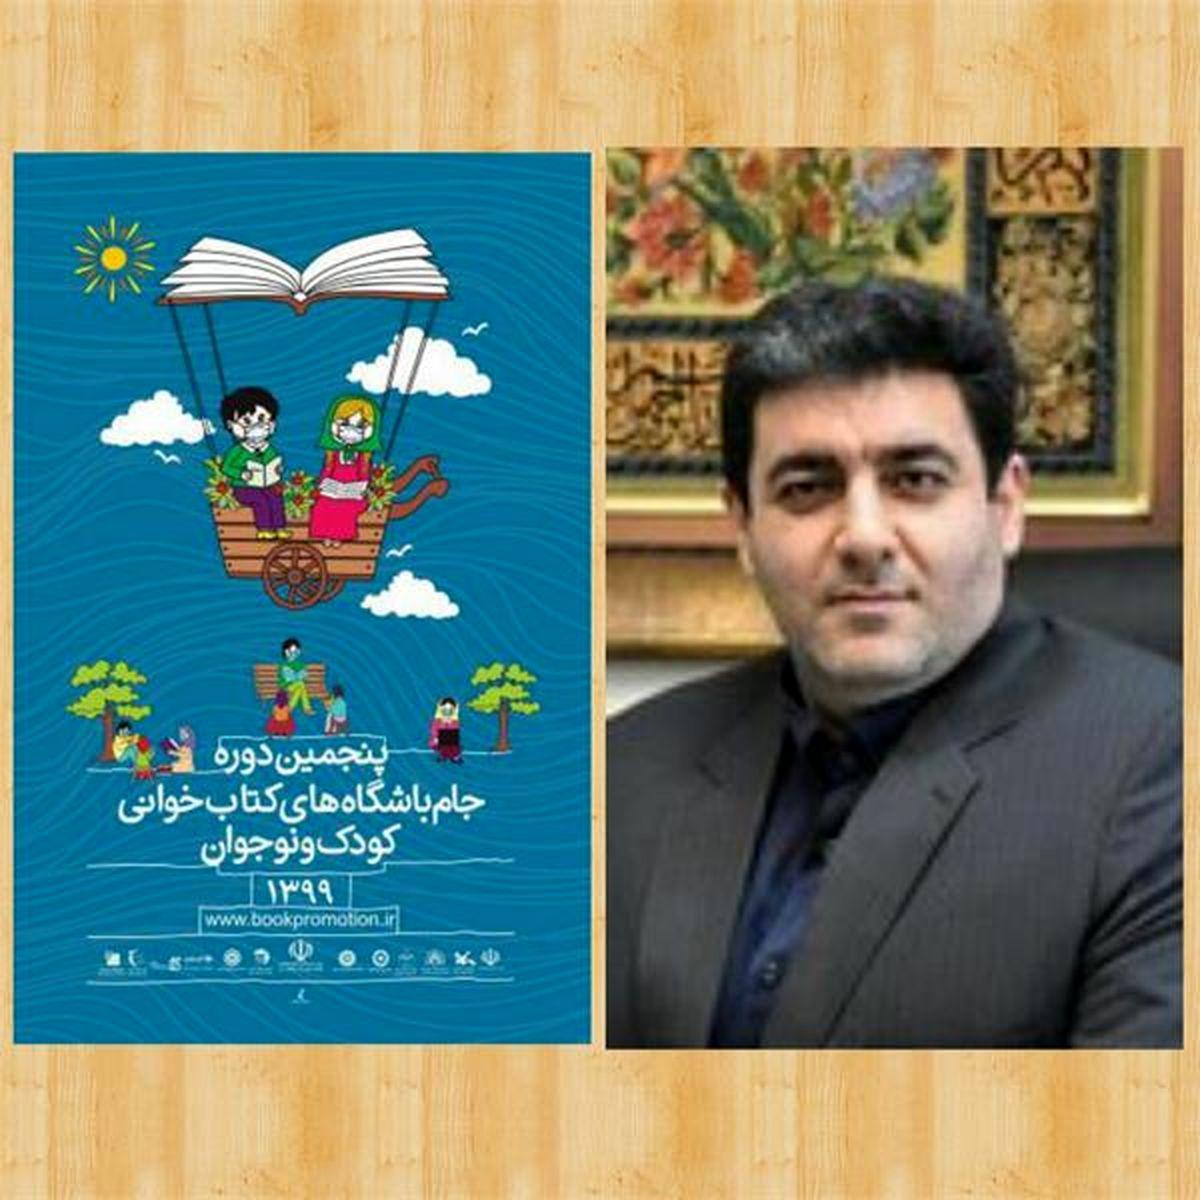 چهار مازندرانی برگزیده و شایسته تقدیرجام باشگاههای کتابخوانی کودک و نوجوان